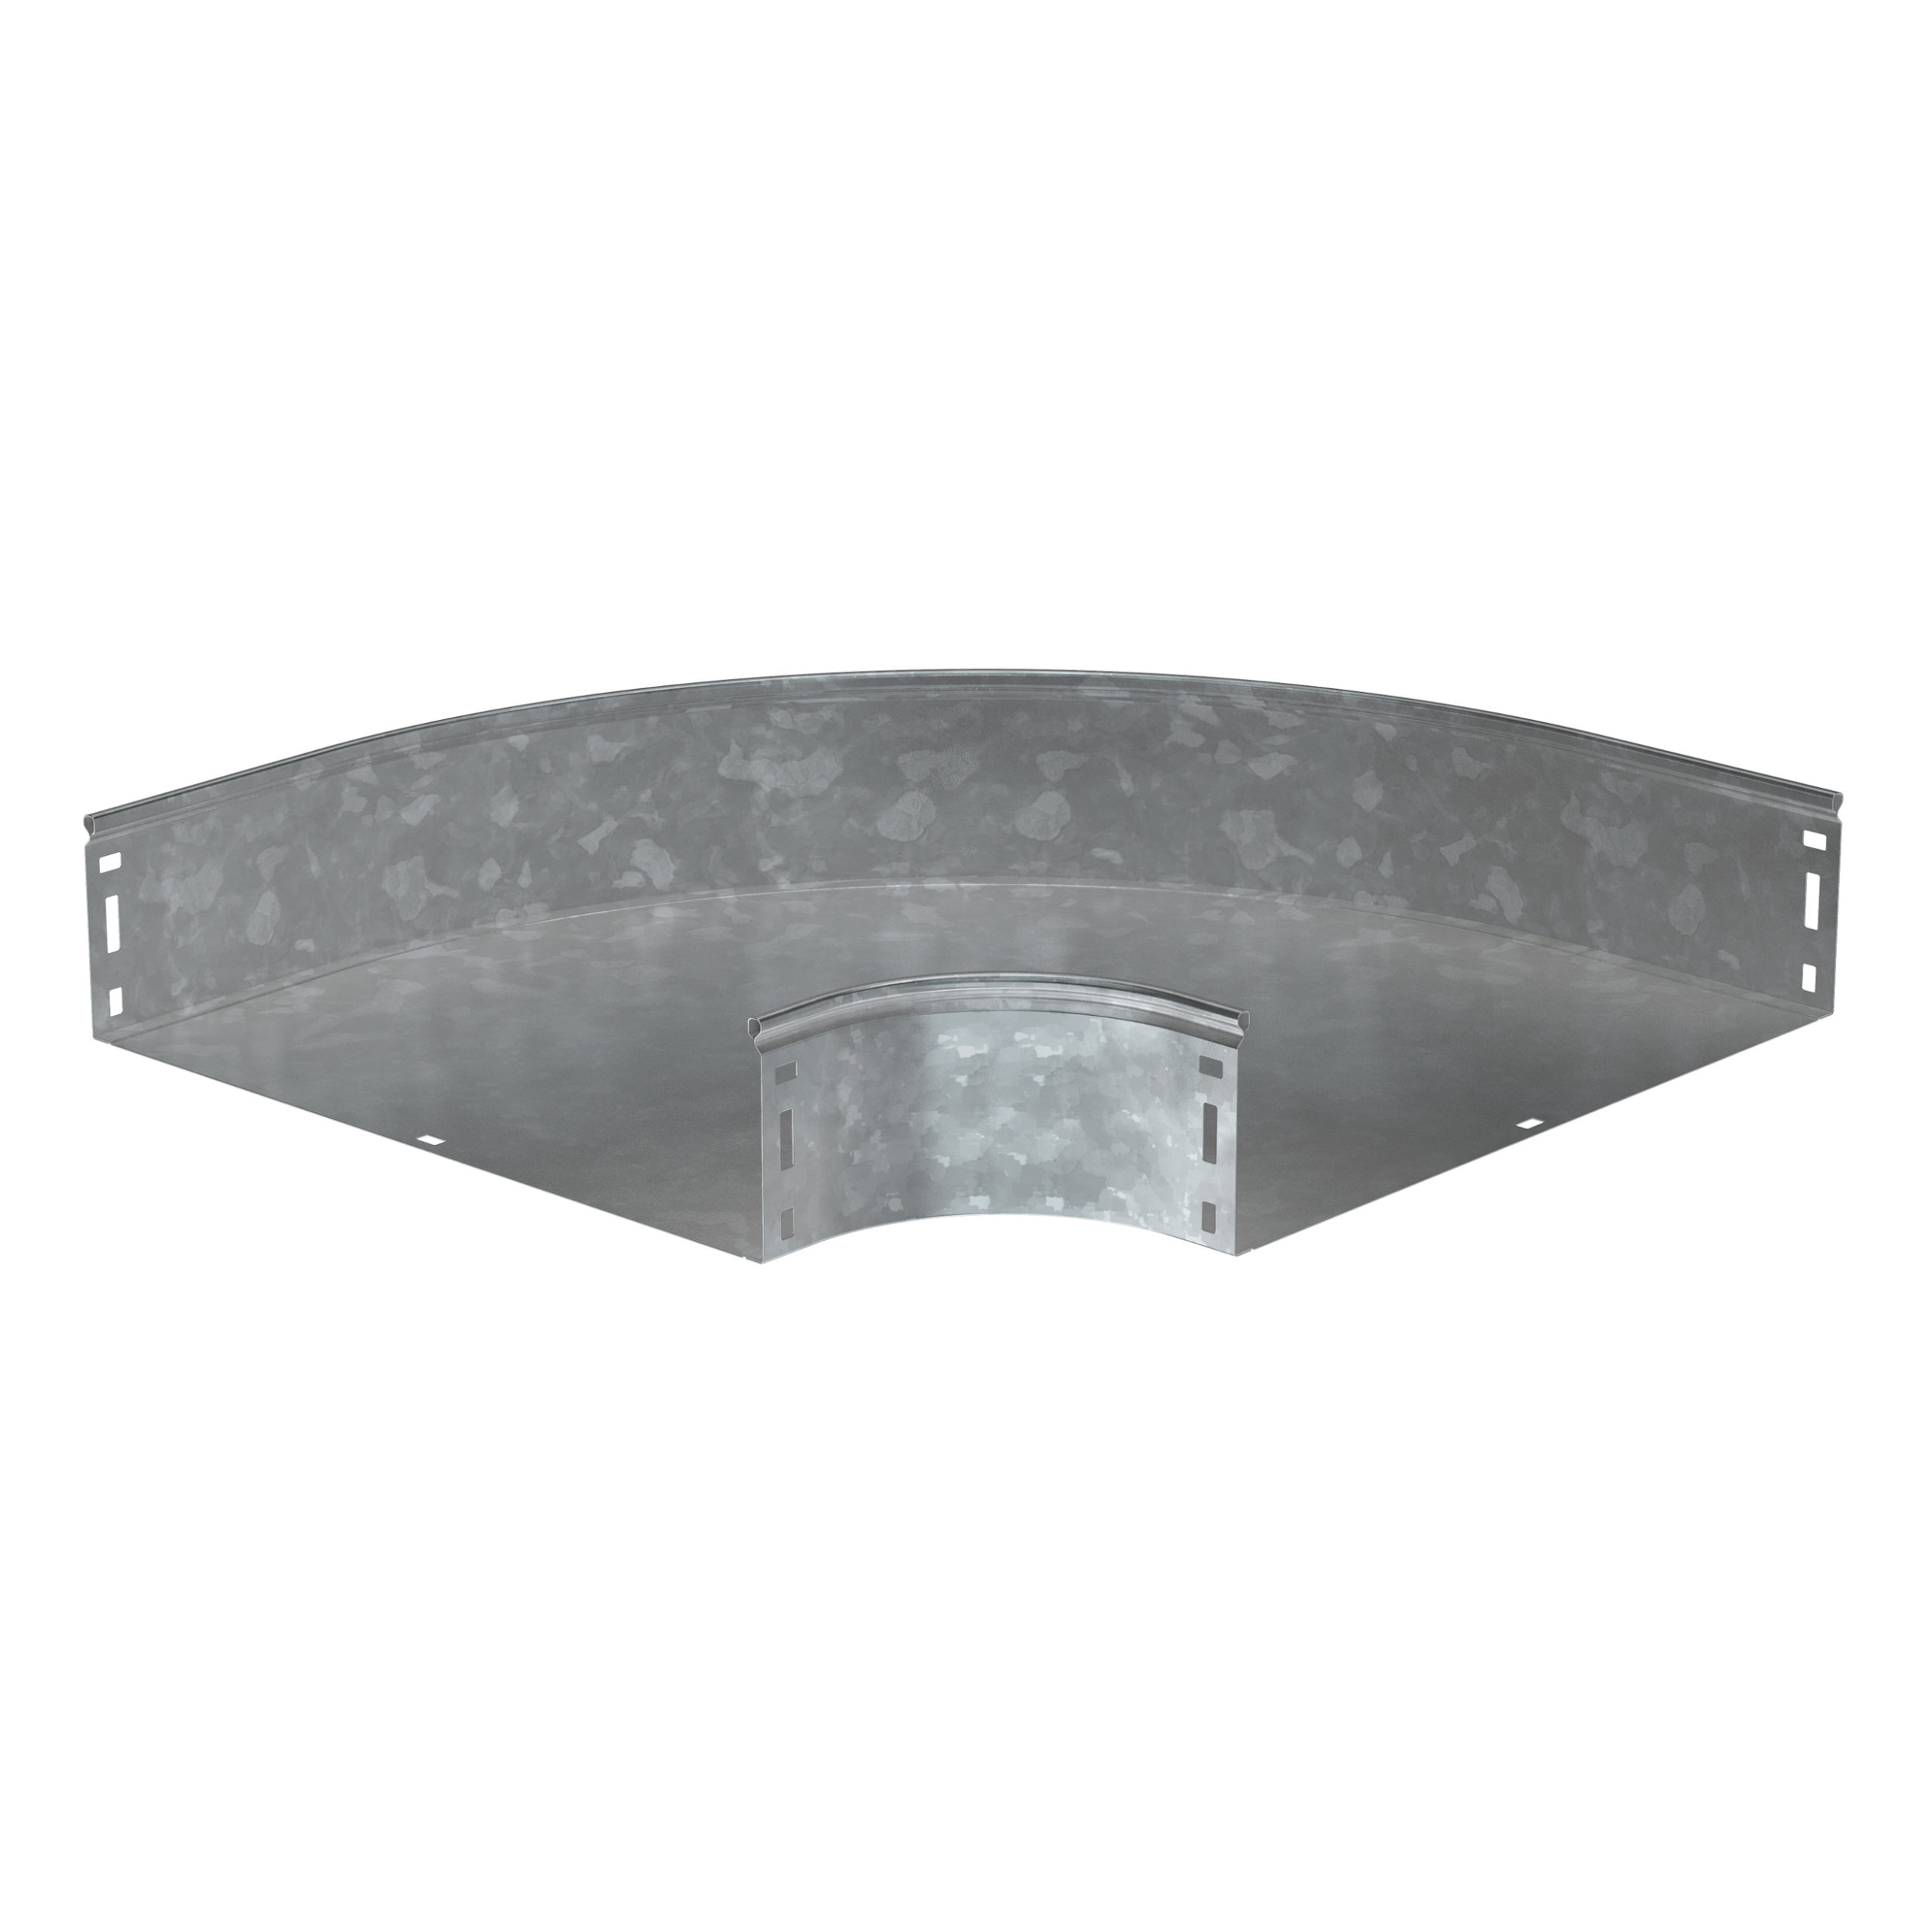 Поворот плавный 90град (тип Г01) ESCA 100х500мм HDZ IEK 1